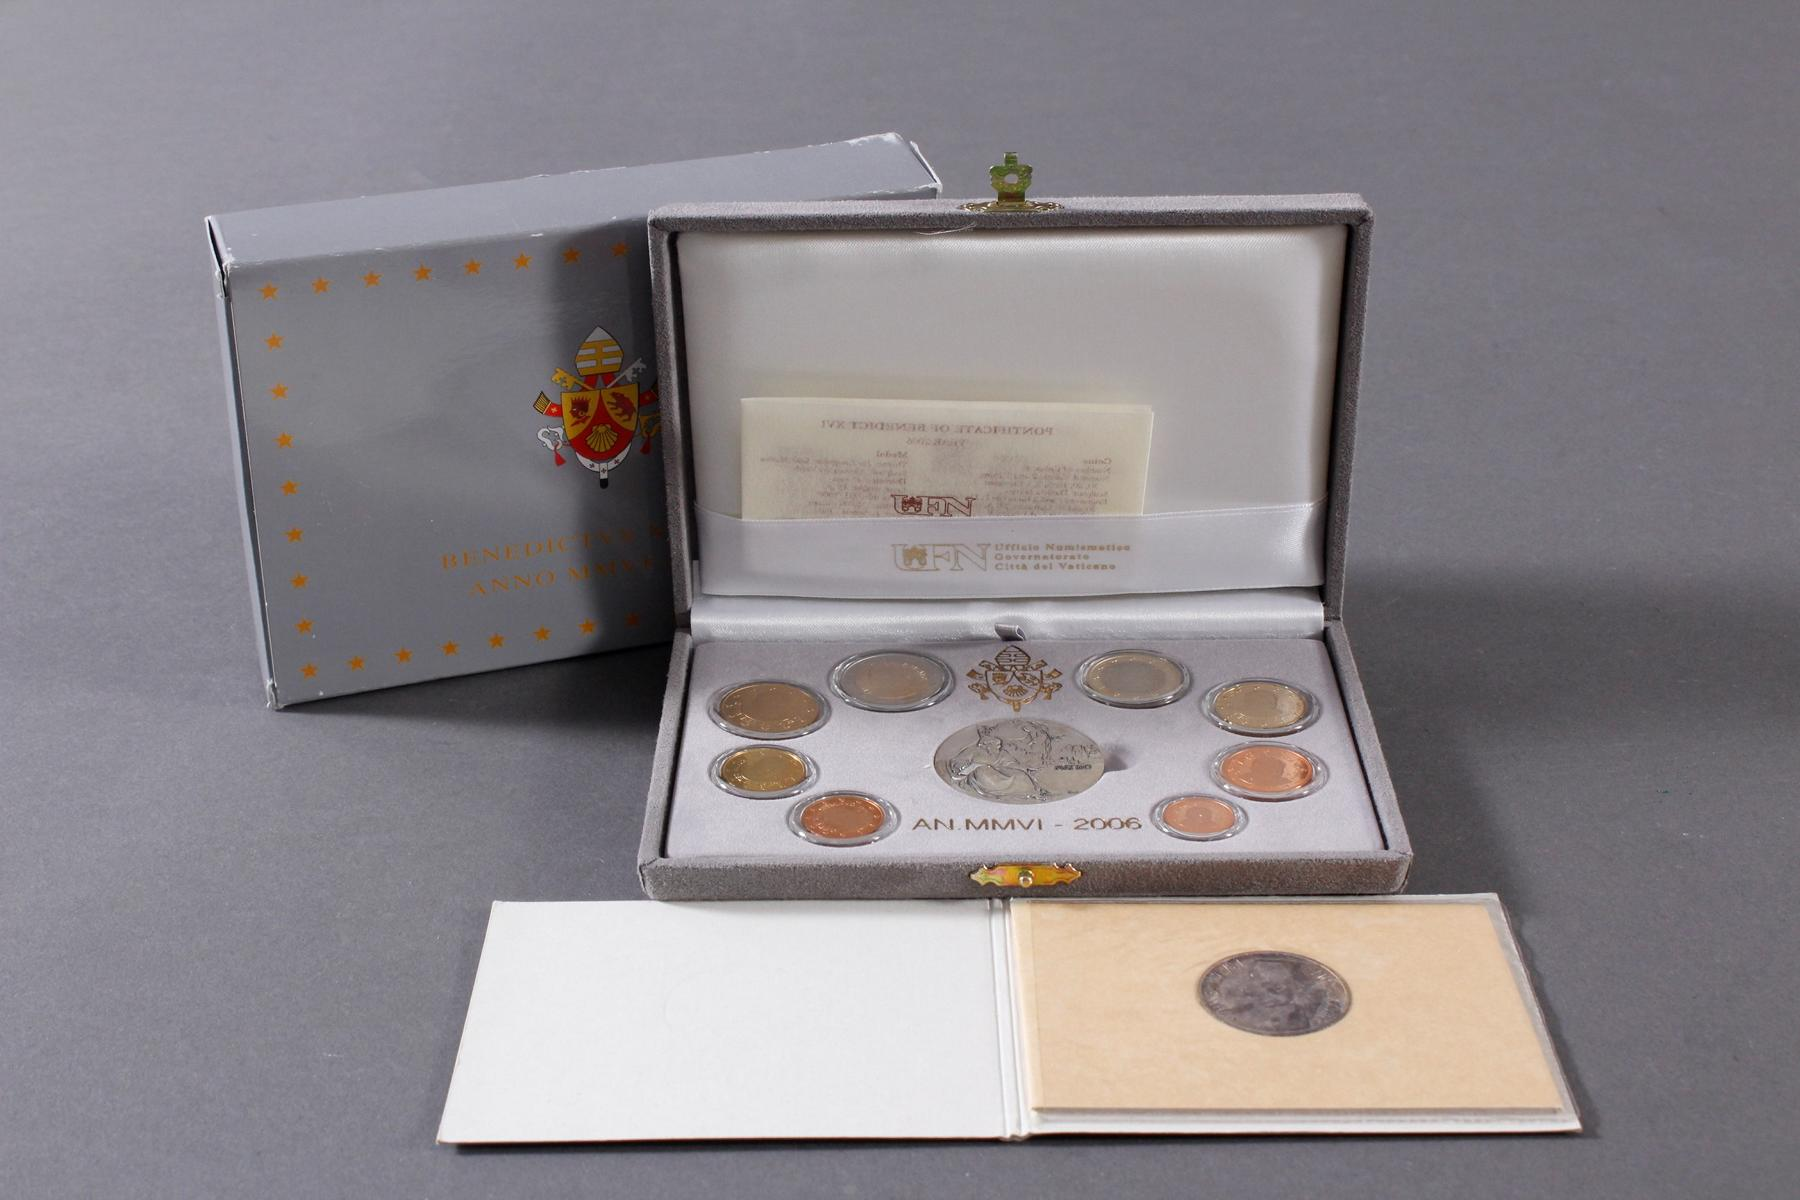 Vatikan Kursmünzensatz 2006 und 1000 Lire 1978